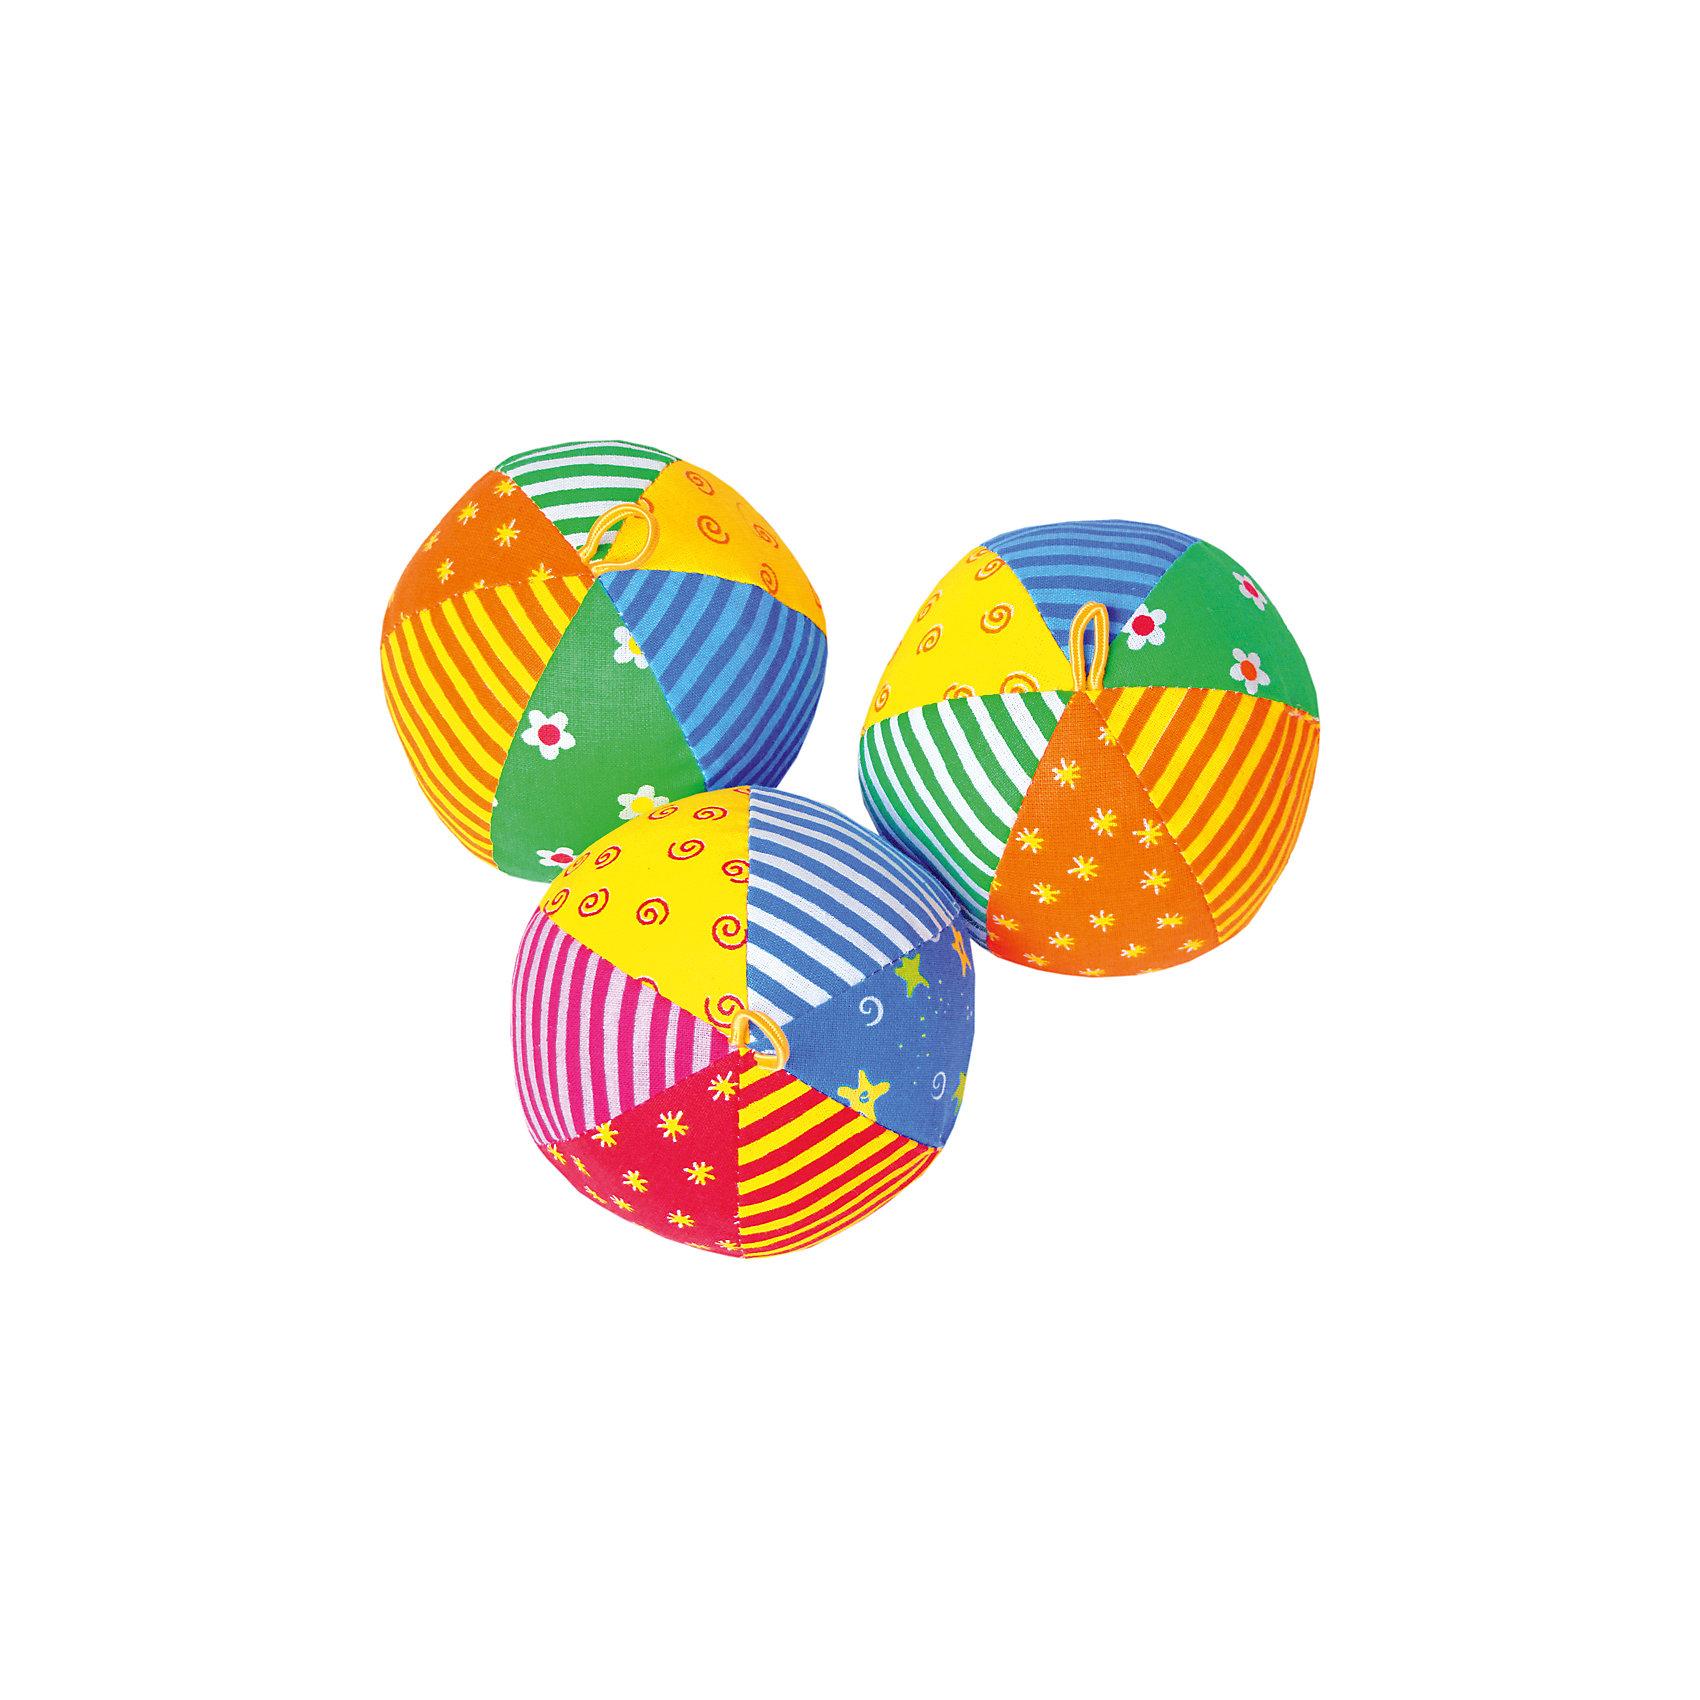 Мяч с погремушкой Радуга, МякишиХарактеристики товара:<br><br>• цвет: разноцветный<br>• материал: хлопок, холлофайбер<br>• комплектация: 1 шт<br>• размер игрушки: 9 см<br>• размер упаковки: 16 x 24 x 9 см<br>• развивающая игрушка<br>• упаковка: пакет<br>• звуковой элемент внутри<br>• страна бренда: РФ<br>• страна изготовитель: РФ<br><br>Малыши активно познают мир и тянутся к новой информации. Чтобы сделать процесс изучения окружающего пространства интереснее, ребенку можно подарить развивающие игрушки. В процессе игры информация усваивается намного лучше!<br>Такие мячики помогут занять малыша, играть ими приятно и весело. Одновременно они позволят познакомиться с разными цветами и фактурами. Такие игрушки развивают тактильные ощущения, моторику, цветовосприятие, логику, воображение, учат фокусировать внимание. Каждое изделие абсолютно безопасно – оно создано из качественной ткани с мягким наполнителем. Игрушки производятся из качественных и проверенных материалов, которые безопасны для детей.<br><br>Мяч с погремушкой Радуга от бренда Мякиши можно купить в нашем интернет-магазине.<br><br>Ширина мм: 90<br>Глубина мм: 90<br>Высота мм: 90<br>Вес г: 80<br>Возраст от месяцев: 12<br>Возраст до месяцев: 36<br>Пол: Унисекс<br>Возраст: Детский<br>SKU: 5183159